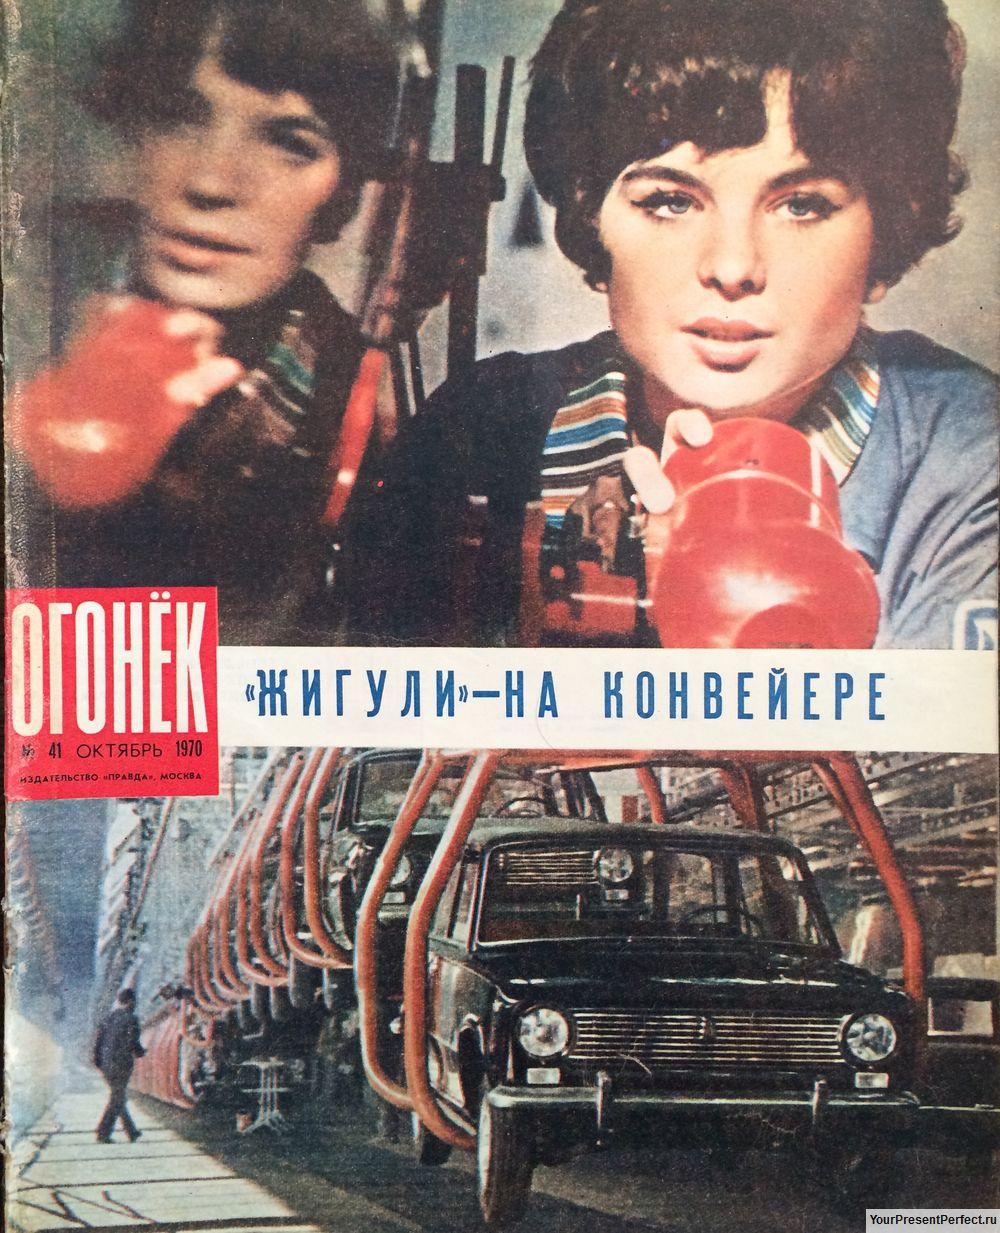 Журнал Огонек №41 октябрь 1970